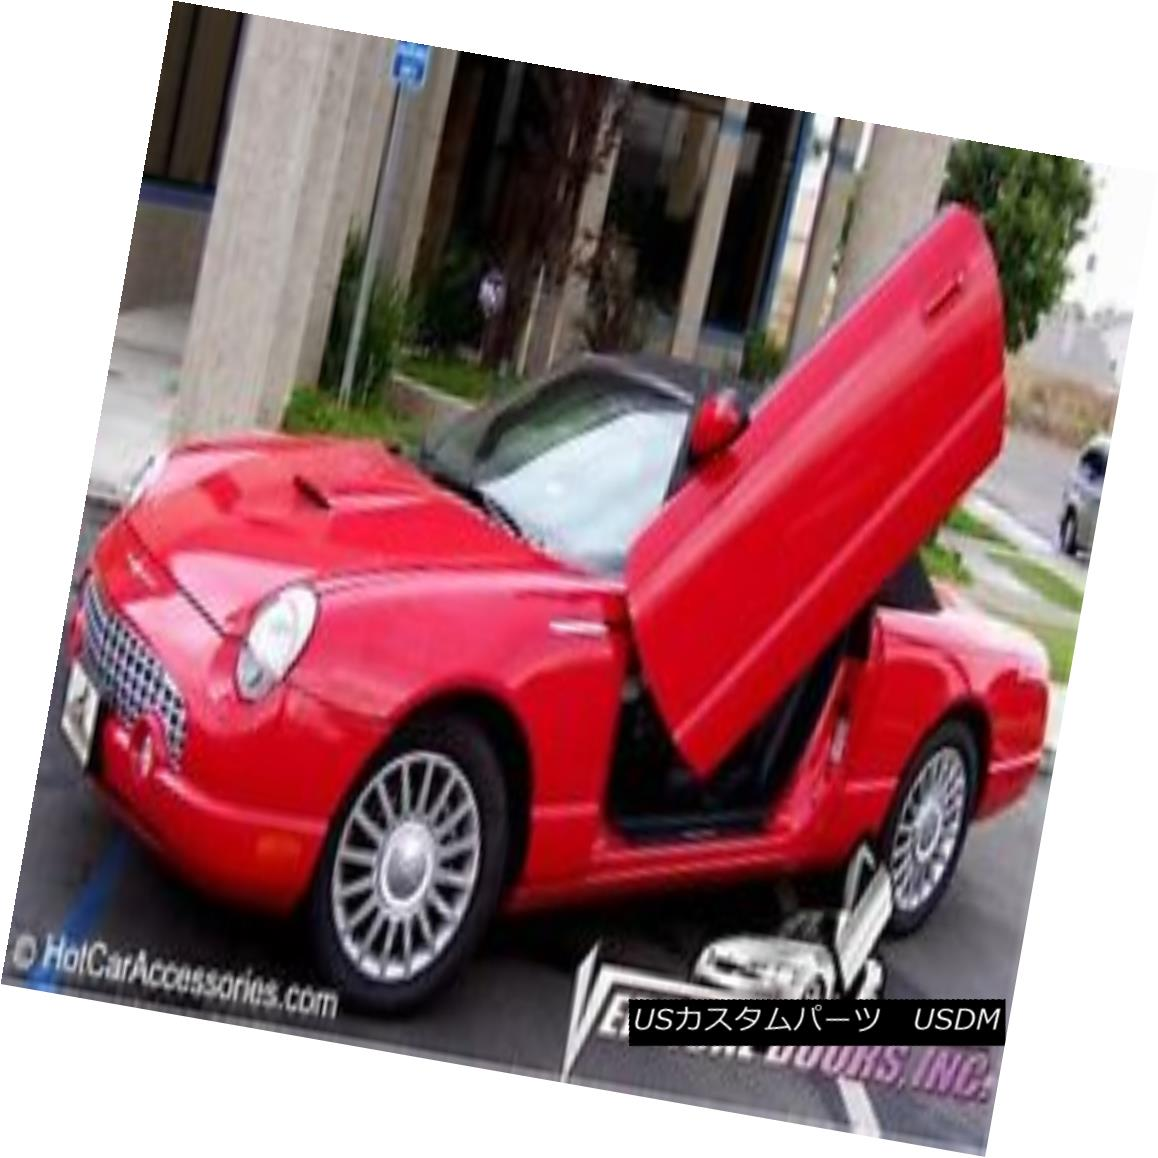 ガルウィングキット Ford Thunderbird 2002-2006 Vertical Doors Lambo Door Kit -$125.00 REBATE! フォードサンダーバード2002-2006垂直ドアLamboドアキット - $ 125.00 REBATE!